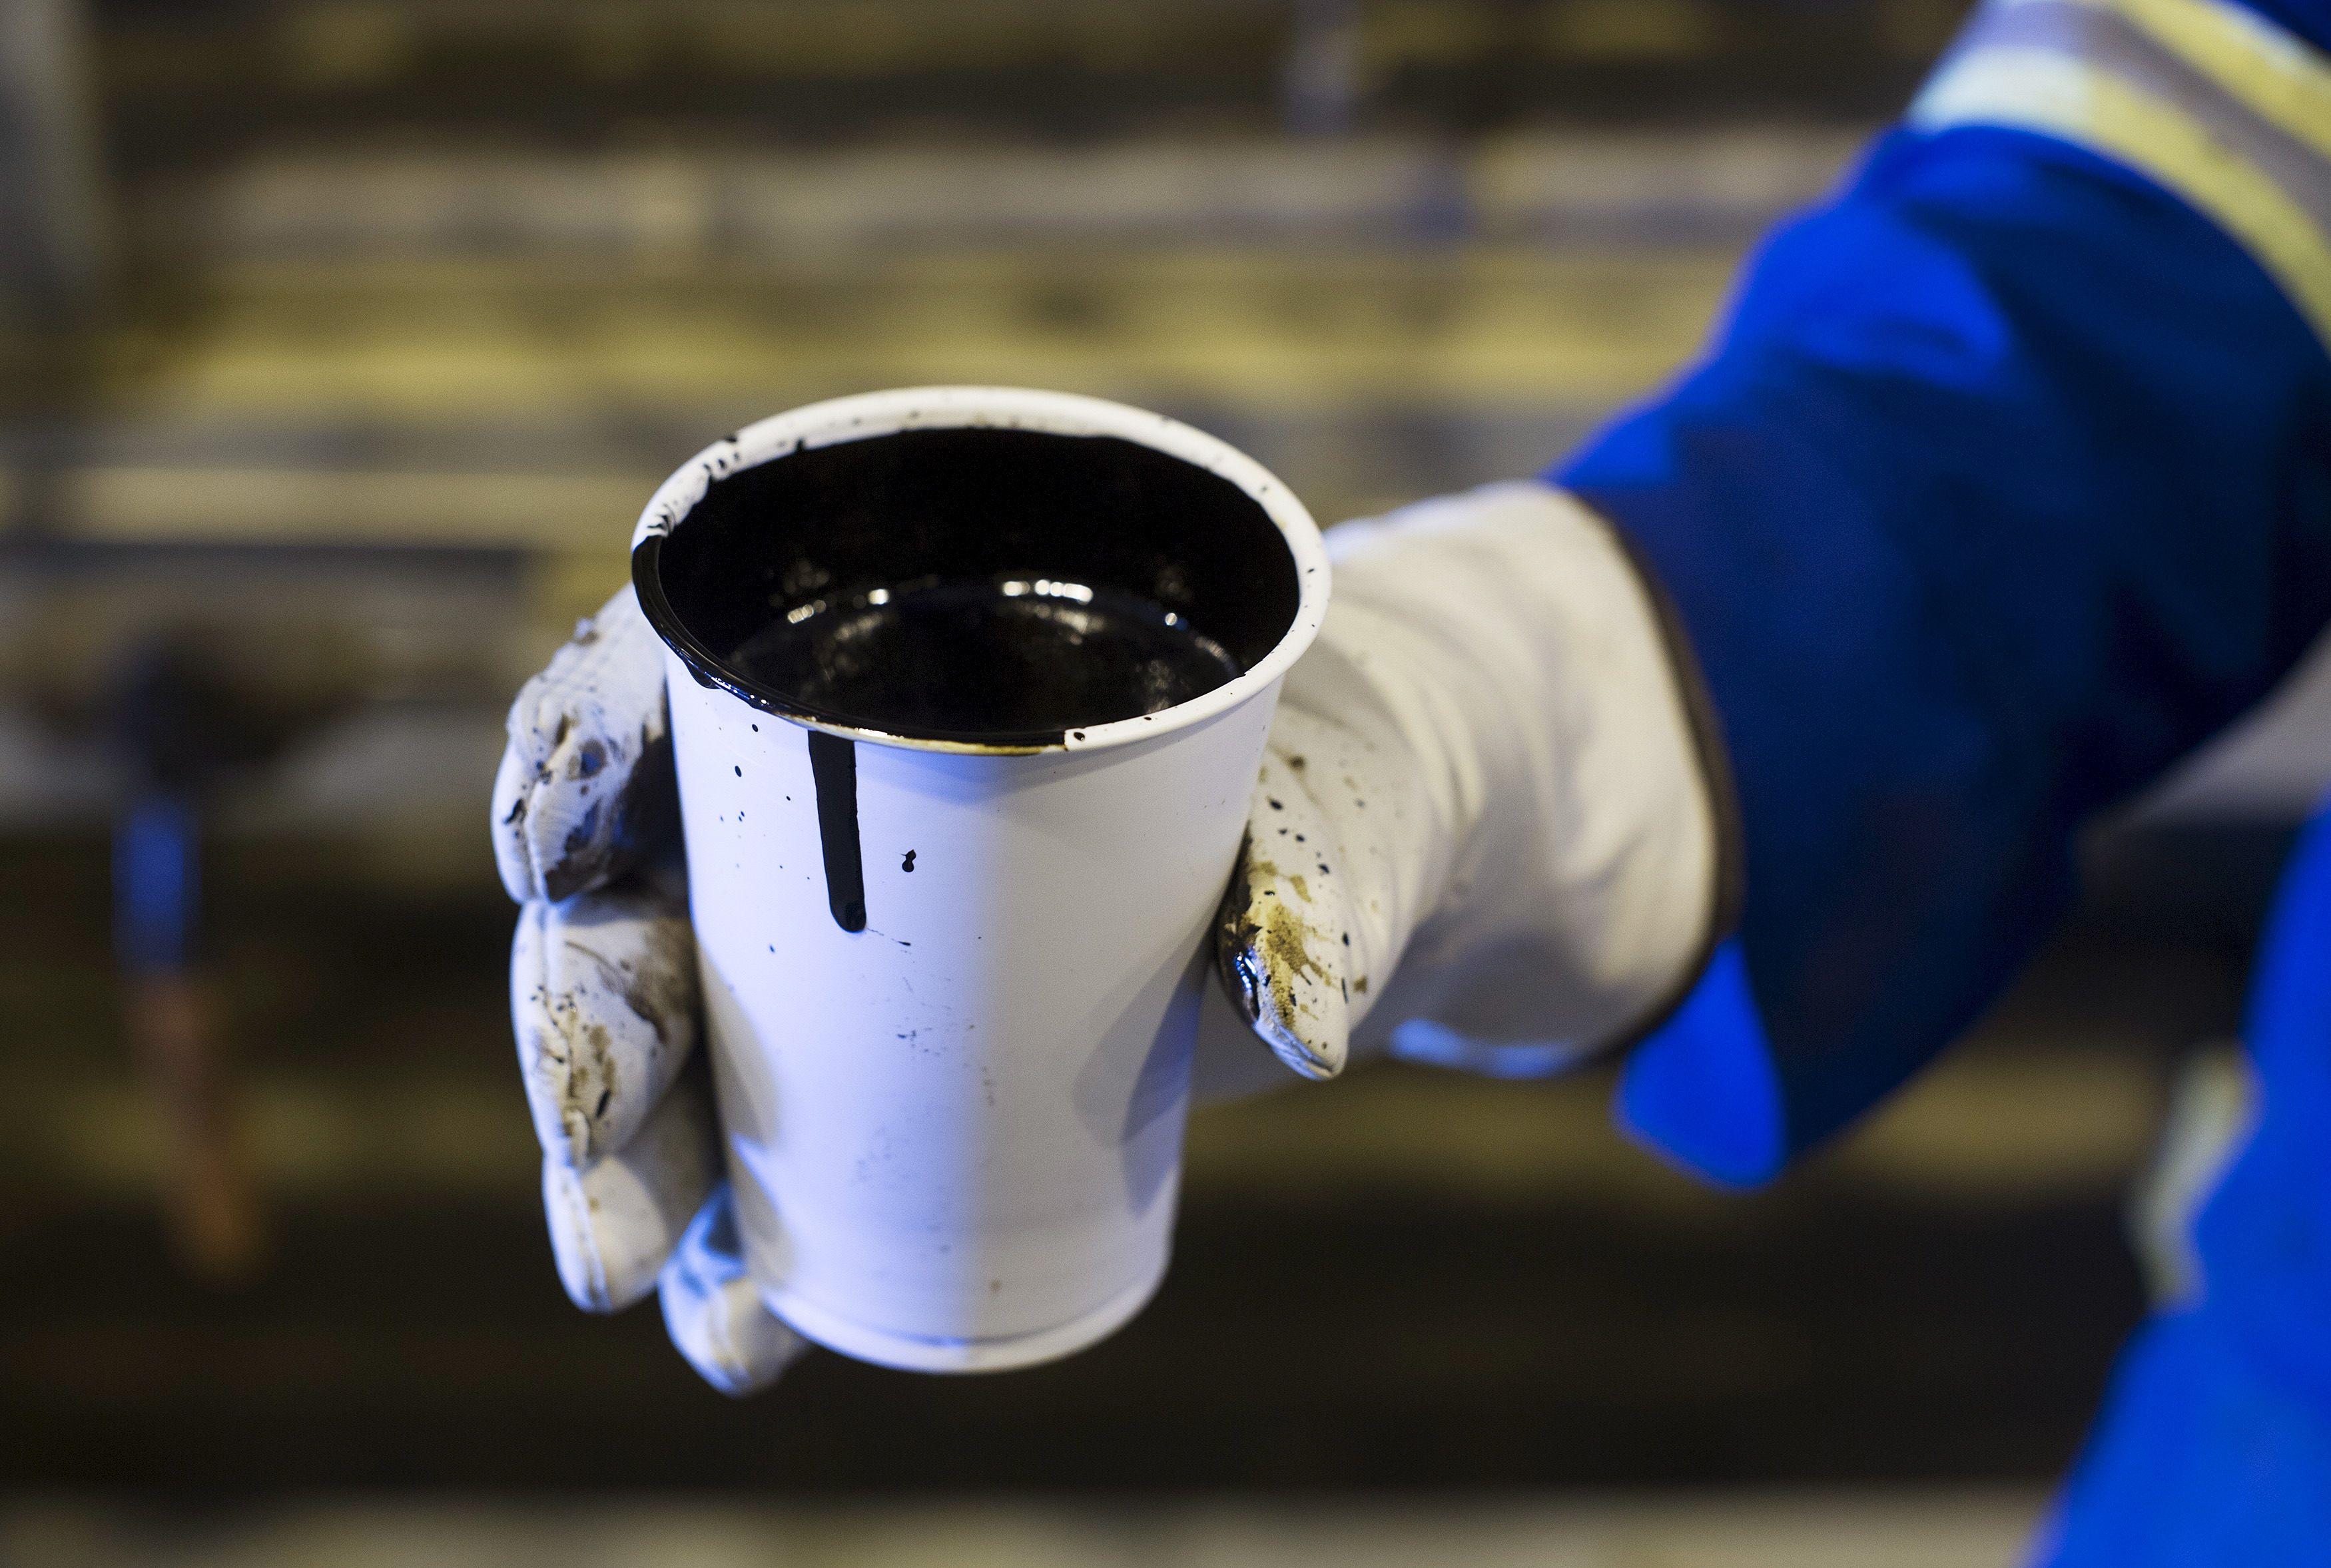 Šiaulių bankas siūlo statyti už naftos brangimą